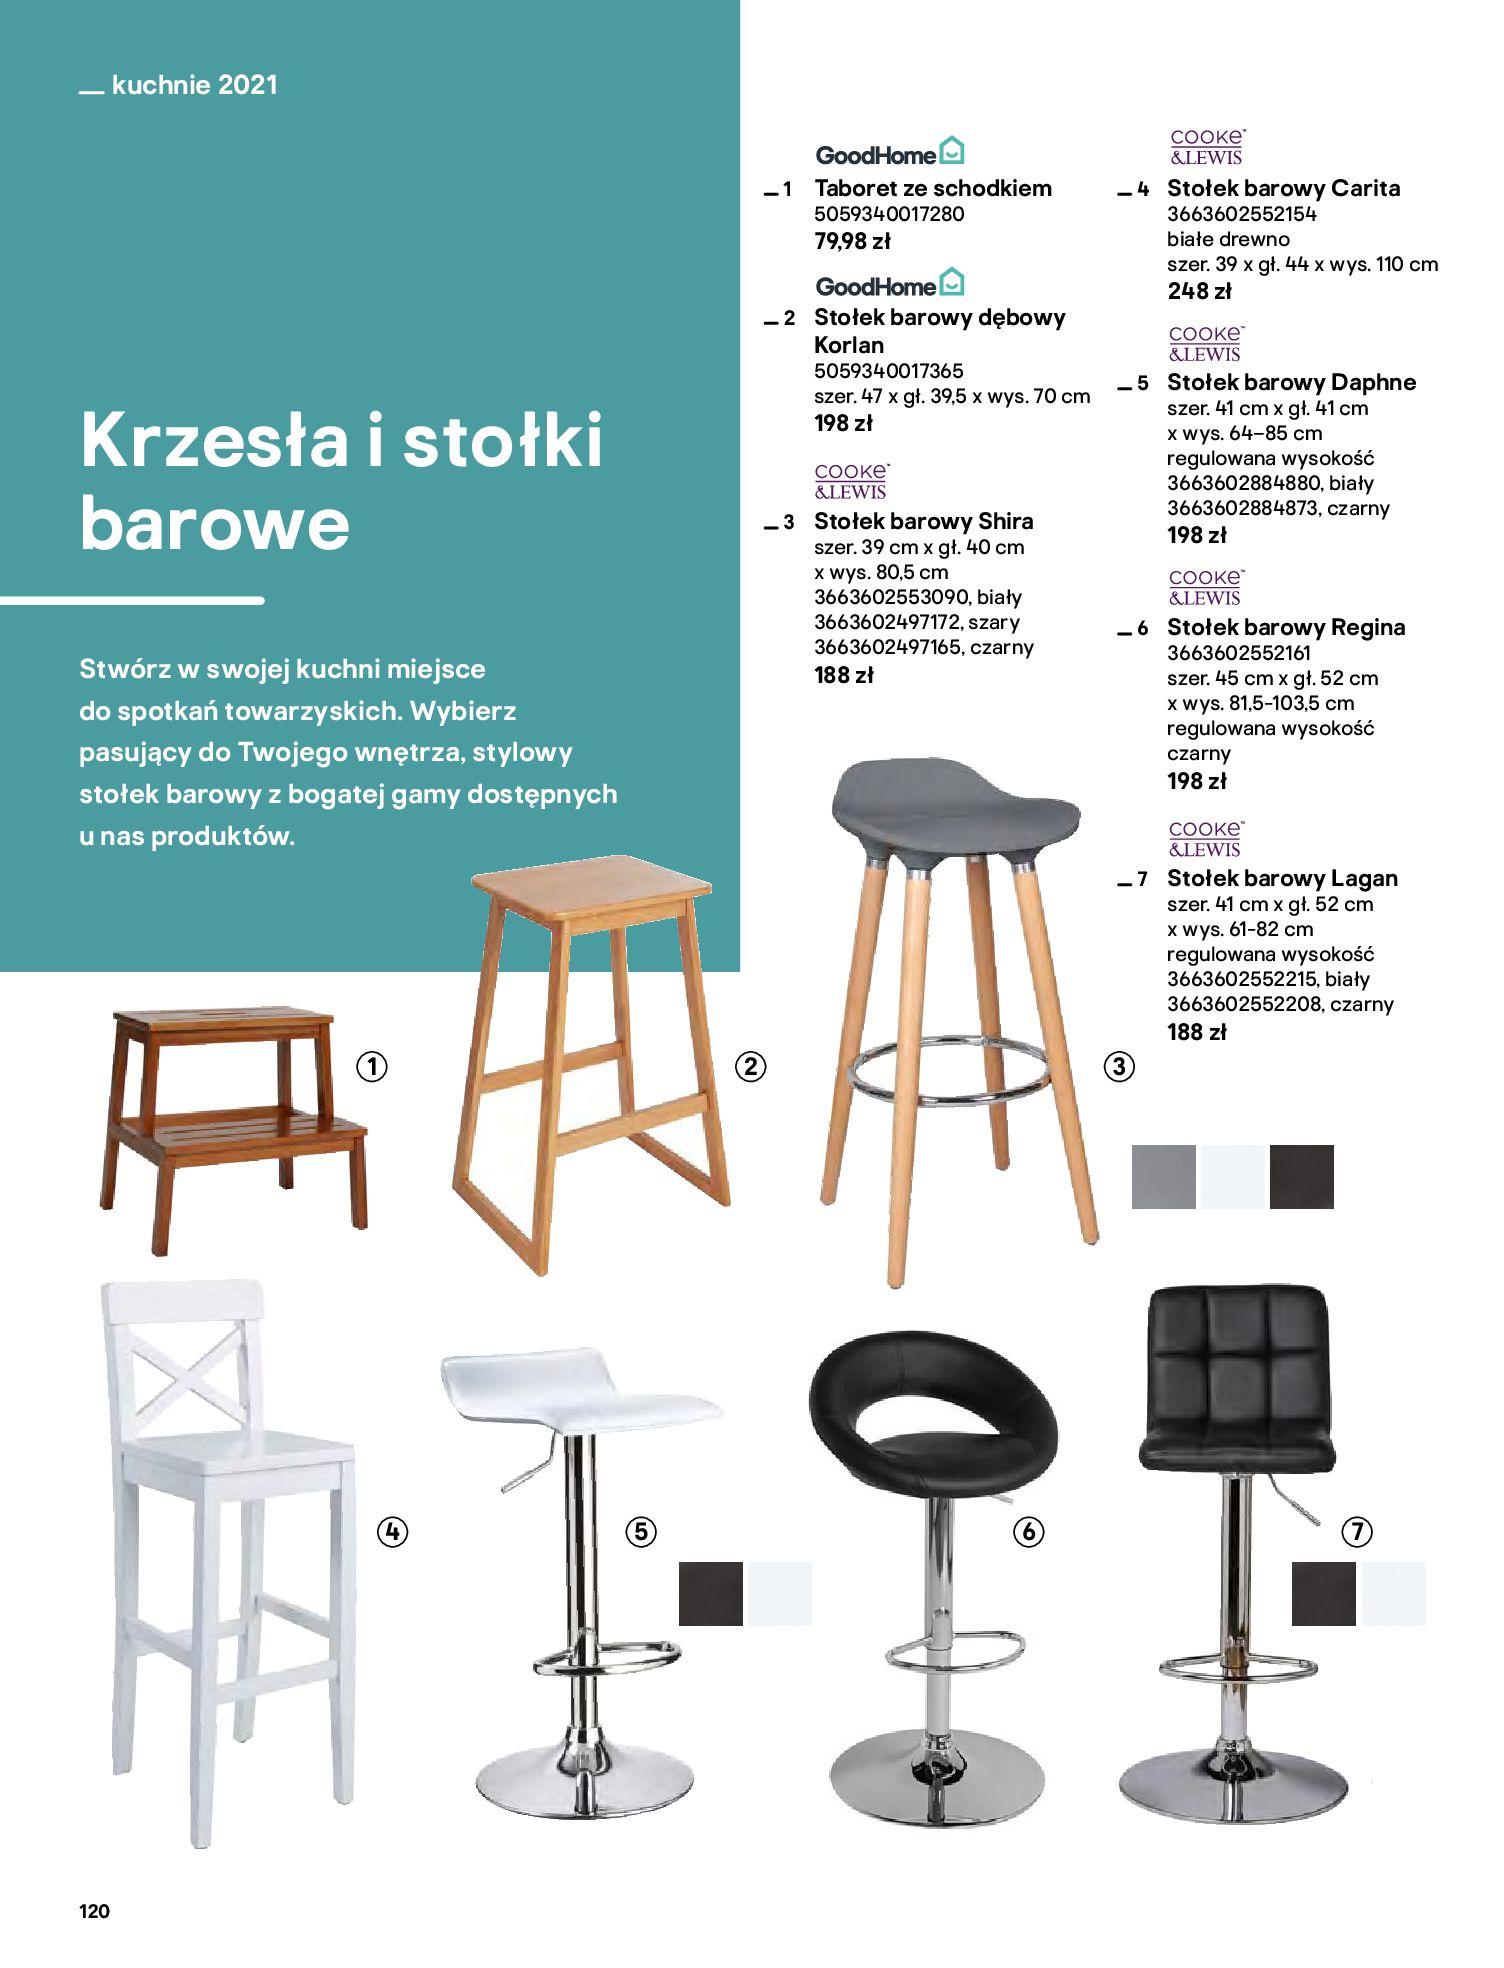 Gazetka Castorama: Katalog kuchnie 2021 2021-05-04 page-120